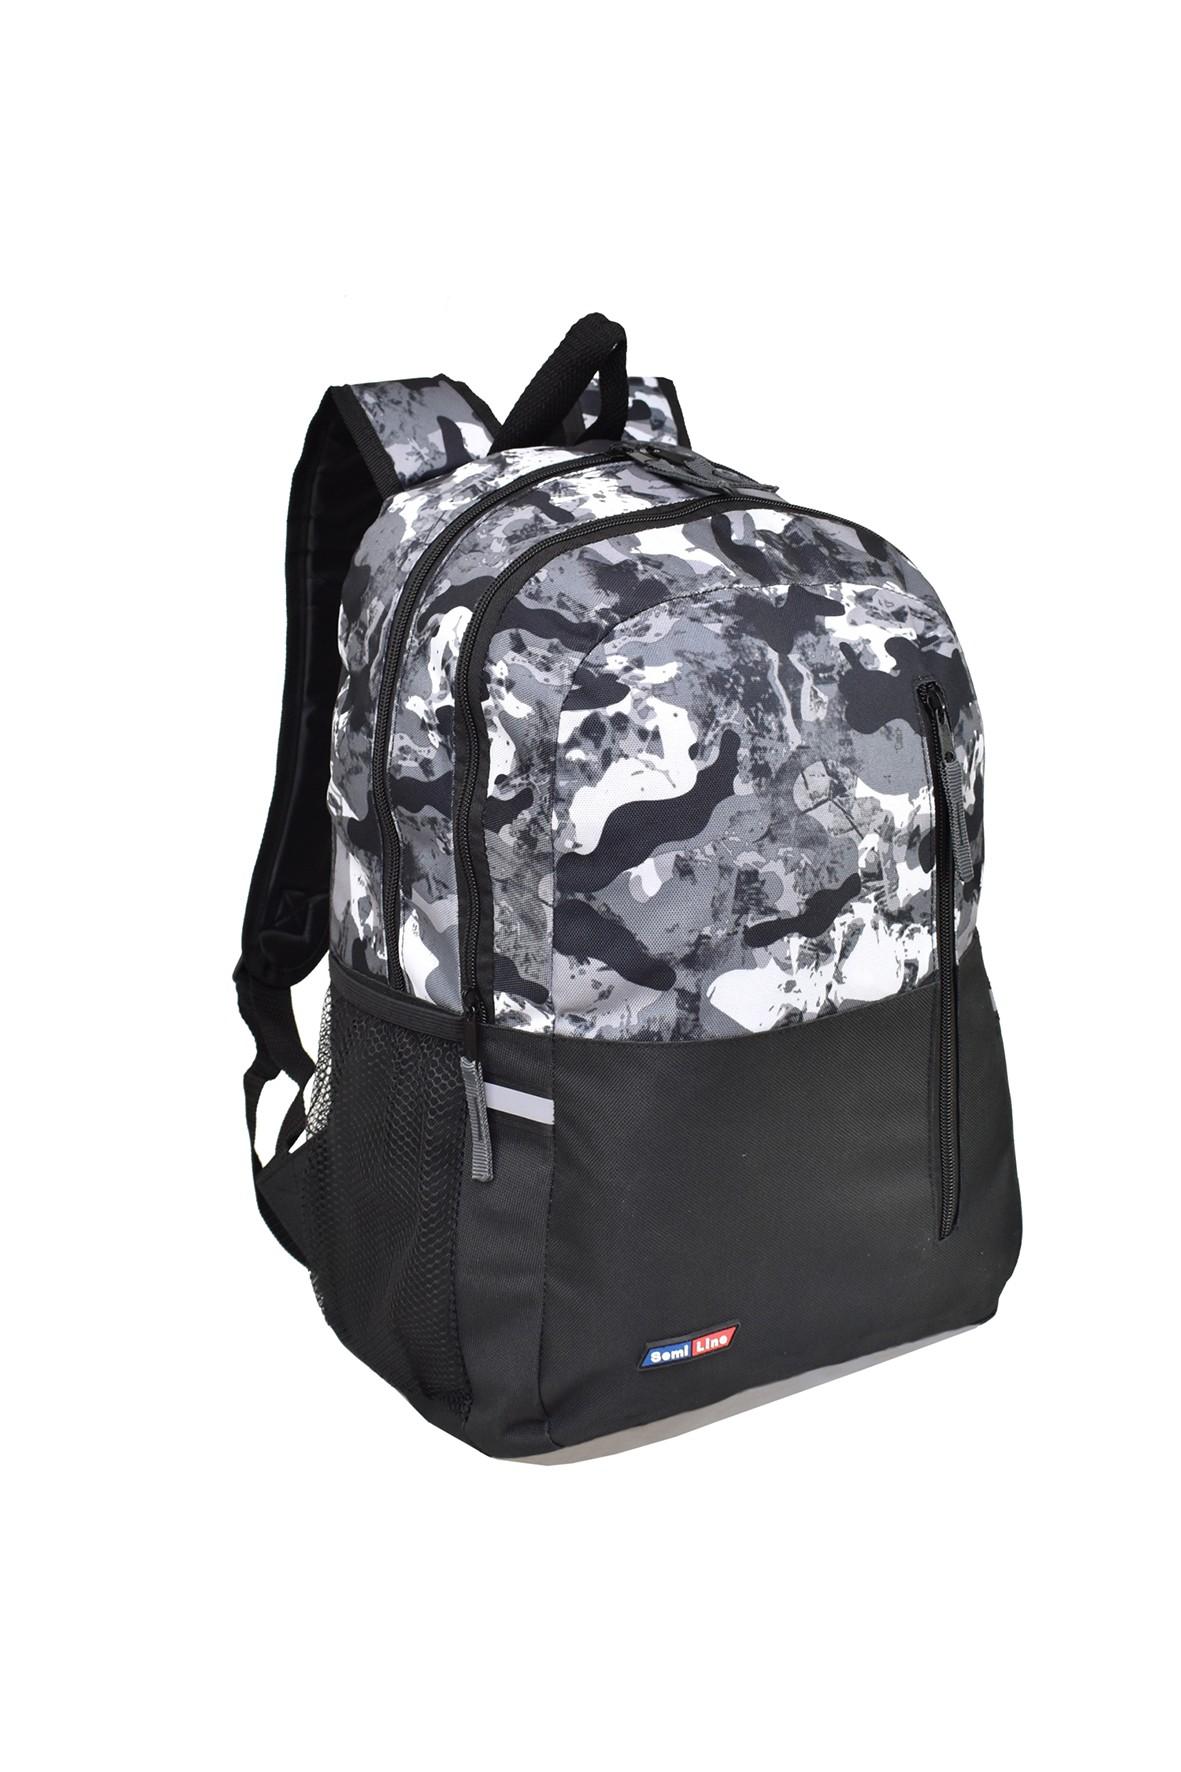 Plecak szkolny dla chłopca szaro-czarny